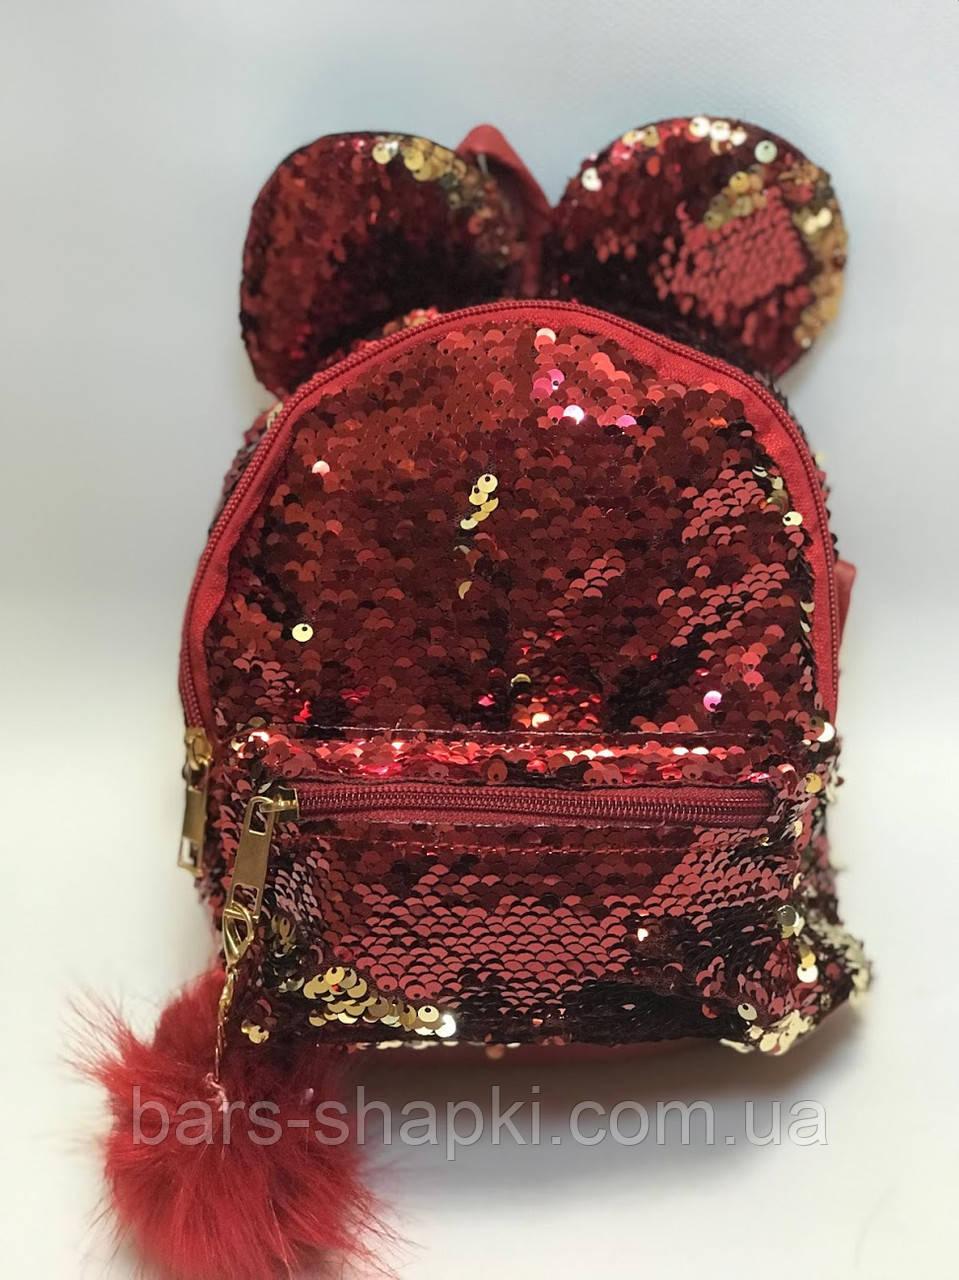 Дитячий рюкзак з Вушками, паєтками, хутряним брелком. Є опт. Розмір 22:20 см